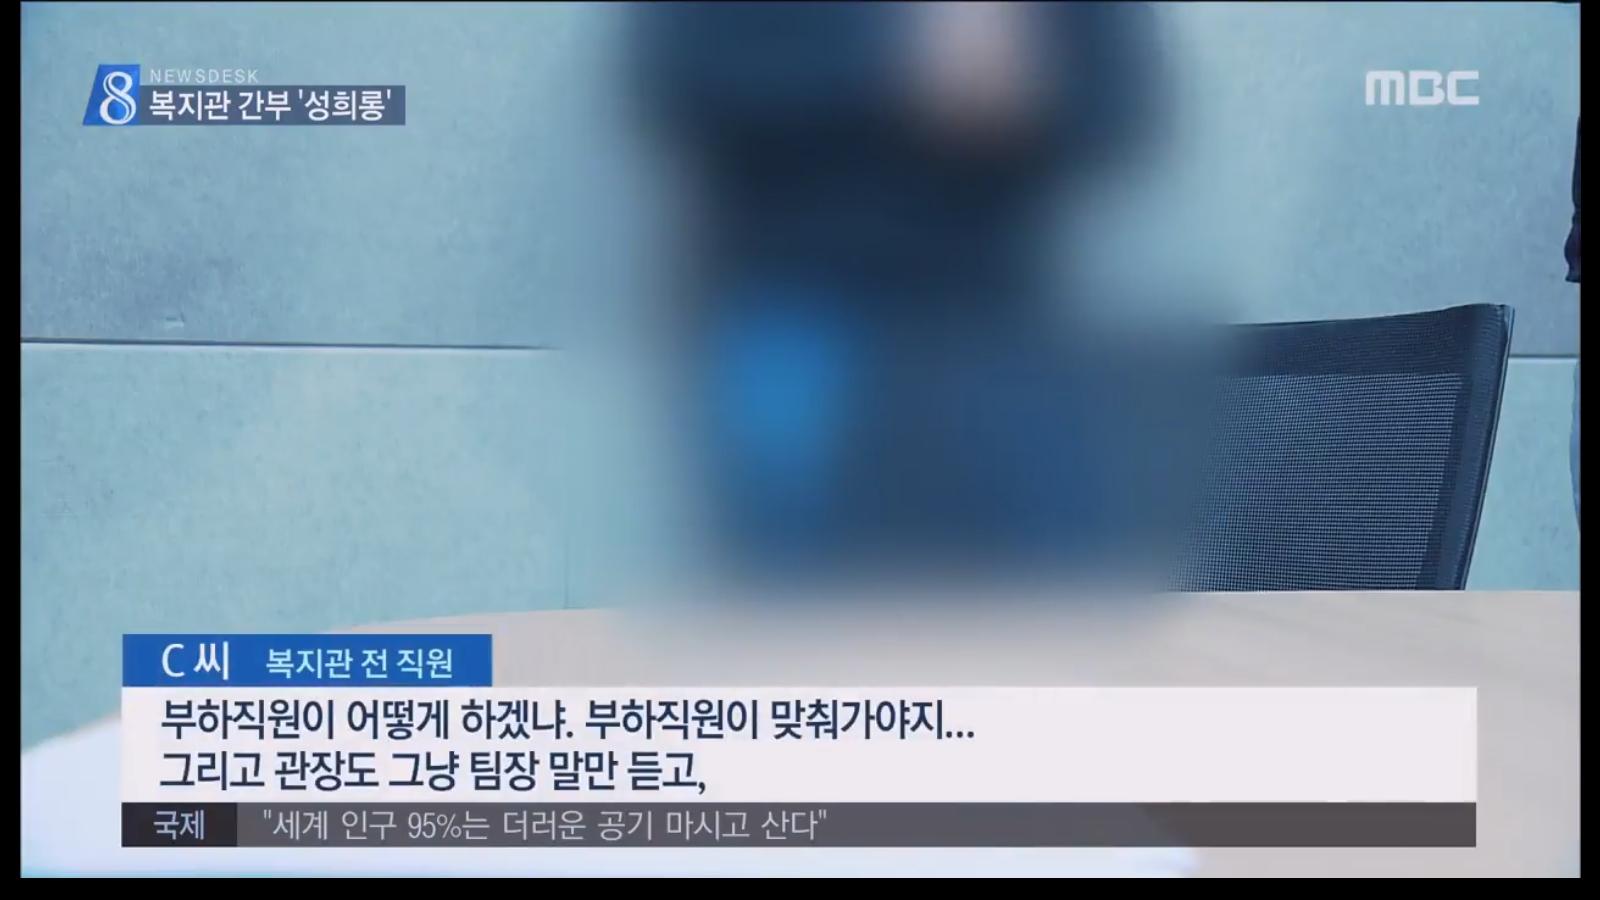 [18.4.17 전주MBC] 전주장애인종합복지관 의혹, 성희롱, 갑질 당했다6.jpg